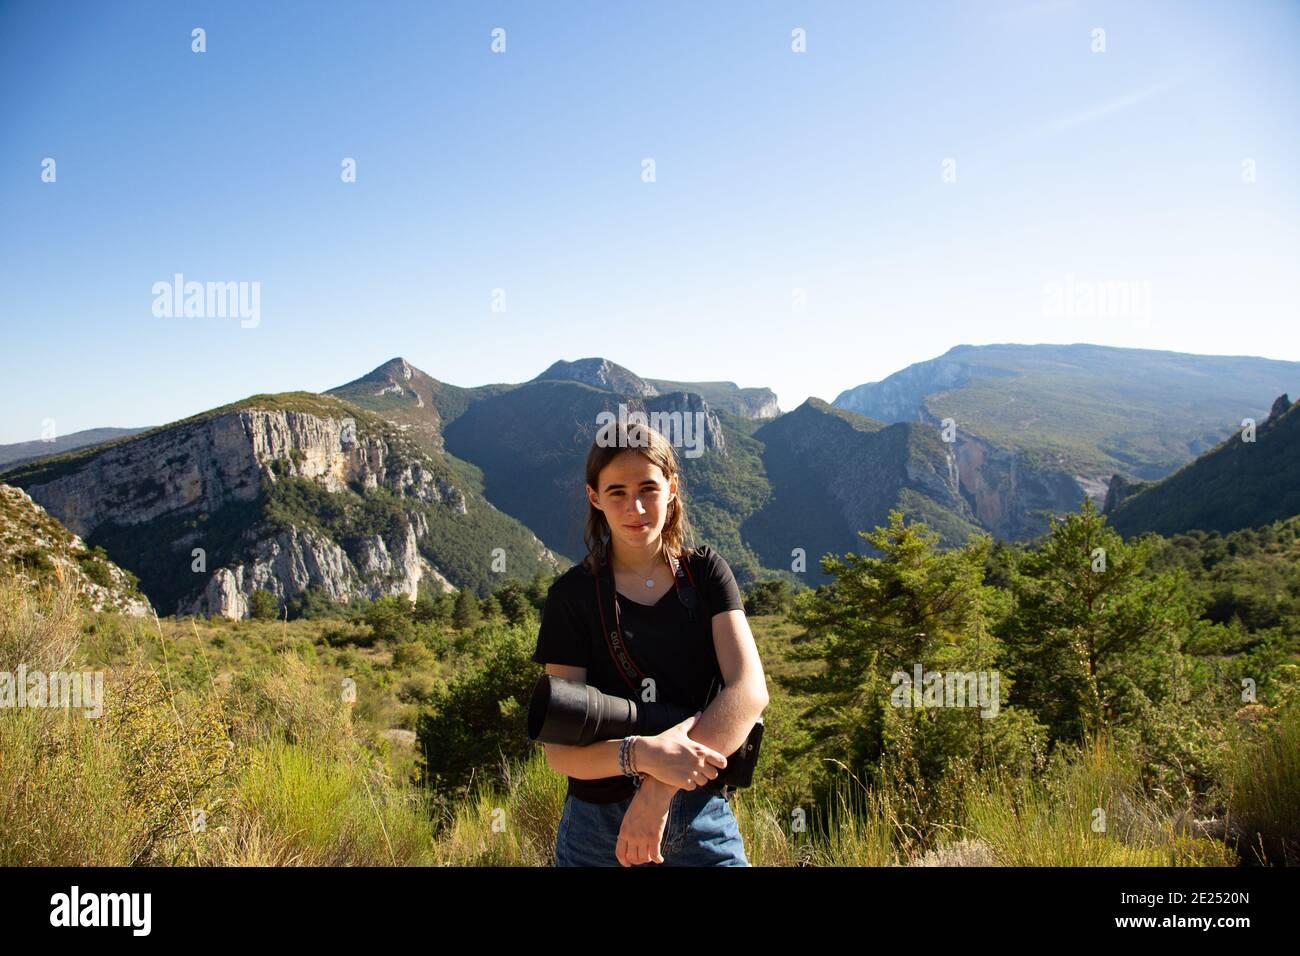 Un jeune photographe pose pour un portrait. Banque D'Images